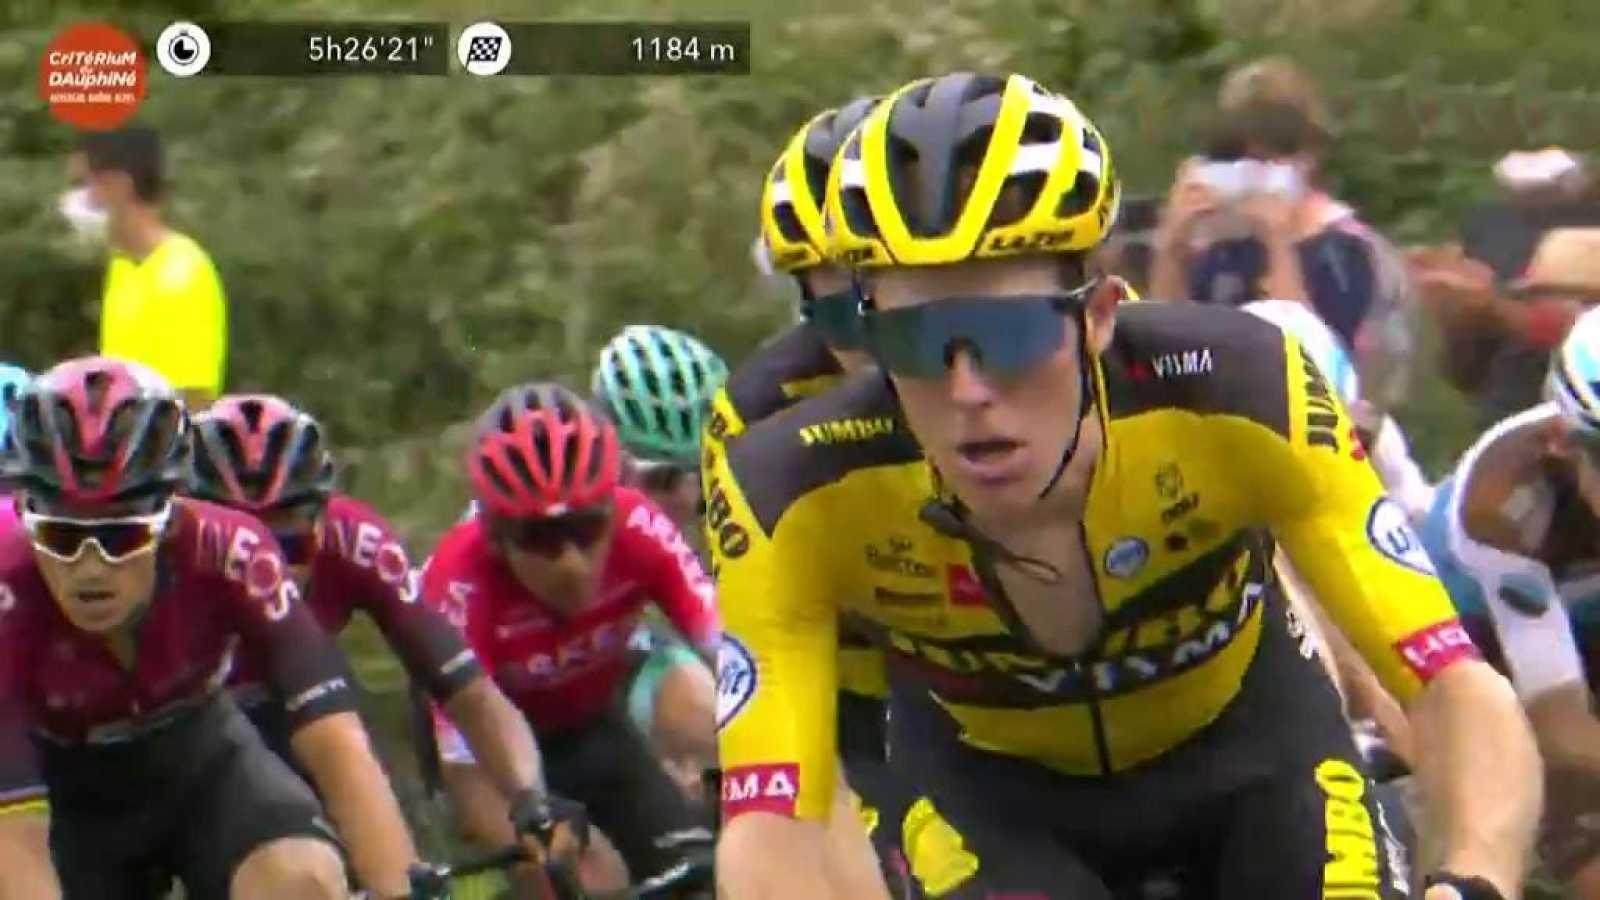 Ciclismo - Criterium du Dauphiné. 1ª etapa: Clermont-Ferrand - Saint Christo en Jarez - ver ahora